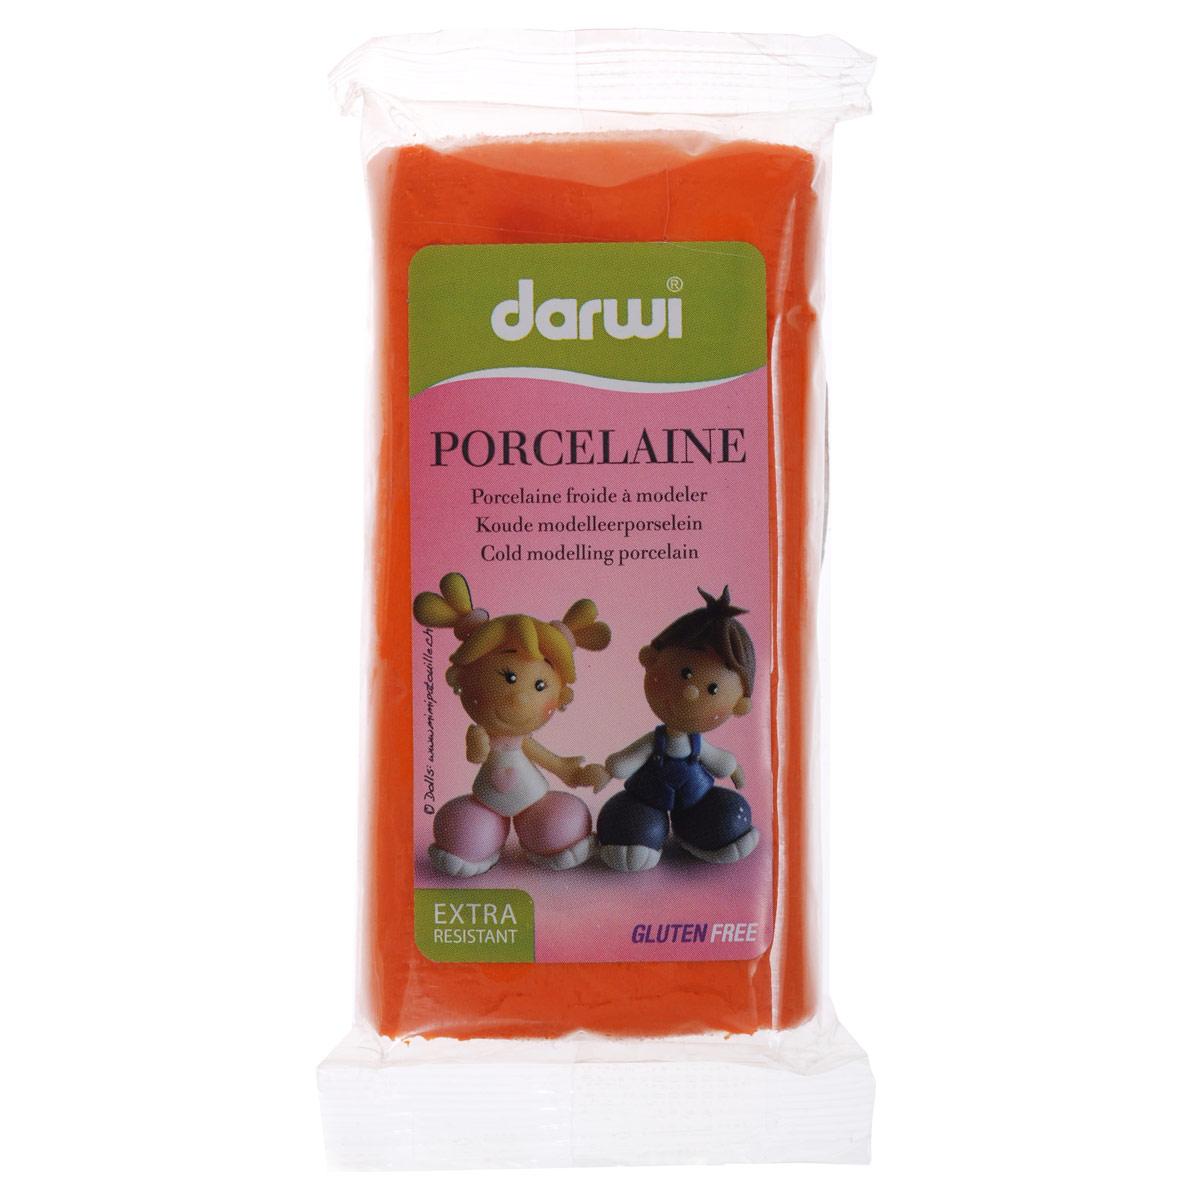 Масса для лепки Darwi Porcelaine, цвет: оранжевый (752), 150 г357002_752Масса Darwi Porcelaine - это самозатвердевающая полимерная глина, предназначенная для лепки. Уже готова к использованию. После полного высыхания (от нескольких часов до нескольких дней в зависимости от размера работы) масса становится очень твердой и дает небольшую усадку. Влагоустойчива при высыхании. После отверждения можно покрывать лаком, красками. Не рекомендуется давать детям до 3-х лет. Транспортировка и хранение массы возможно при температуре 5-25°С.